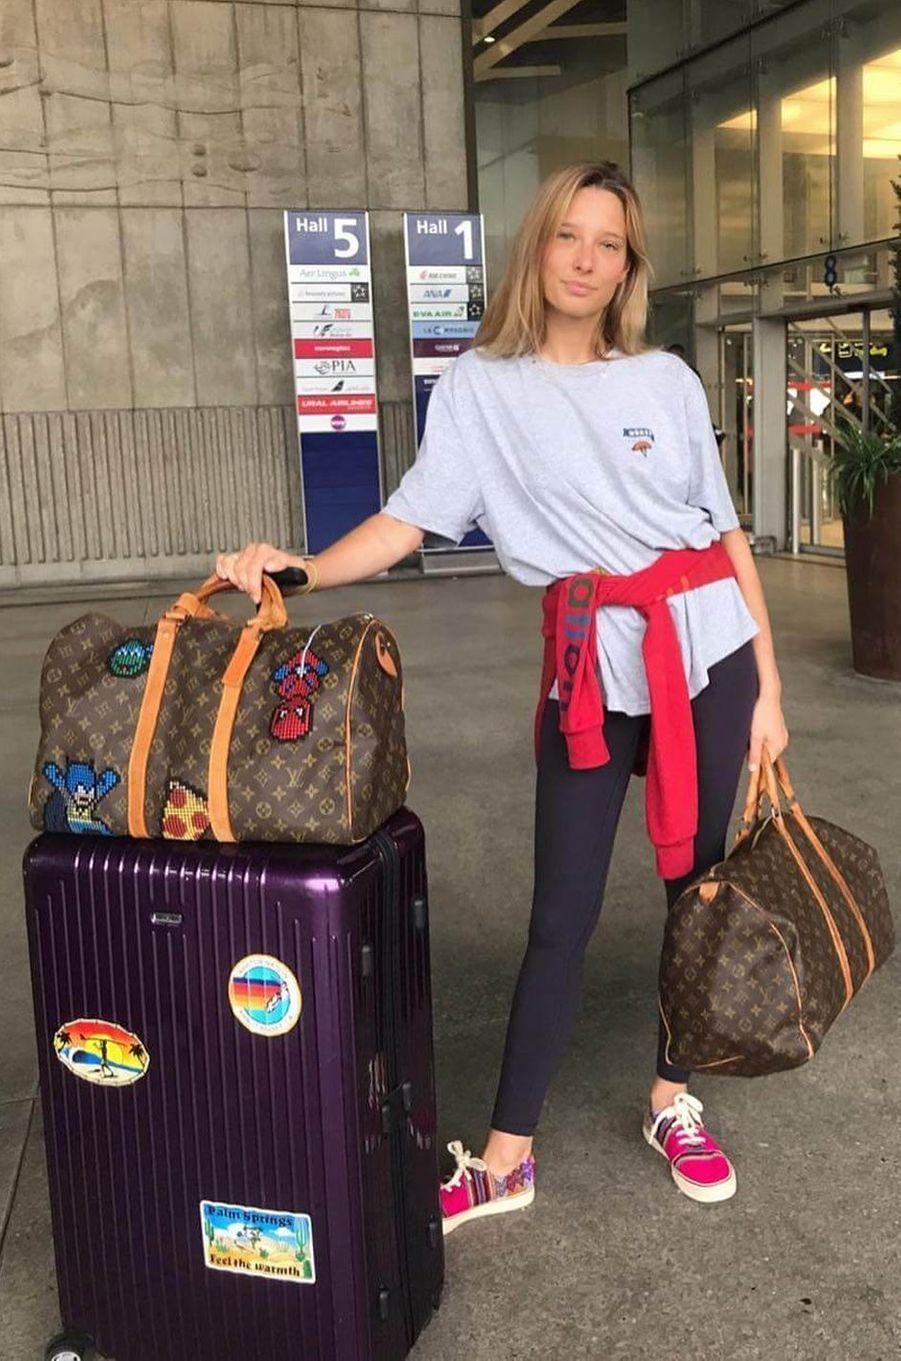 Ilona Smet à l'aéroport de Bali, en juillet 2017.